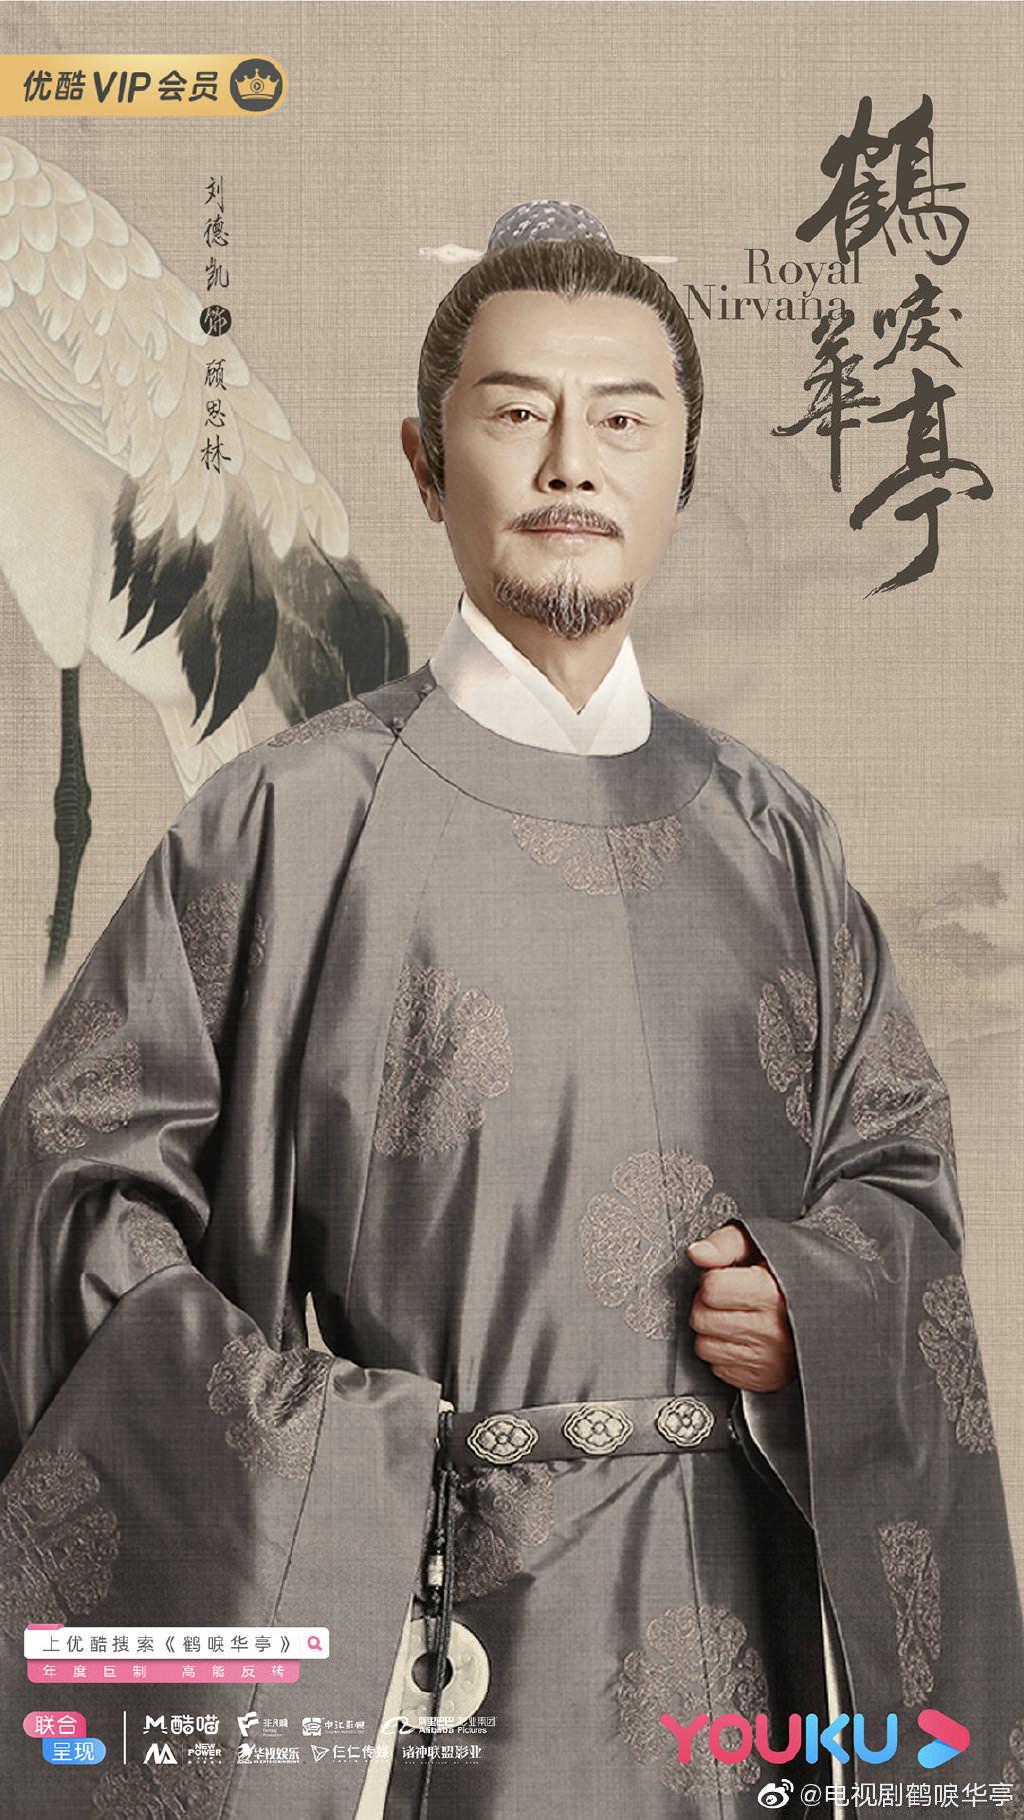 鶴唳華亭 -劉德凱